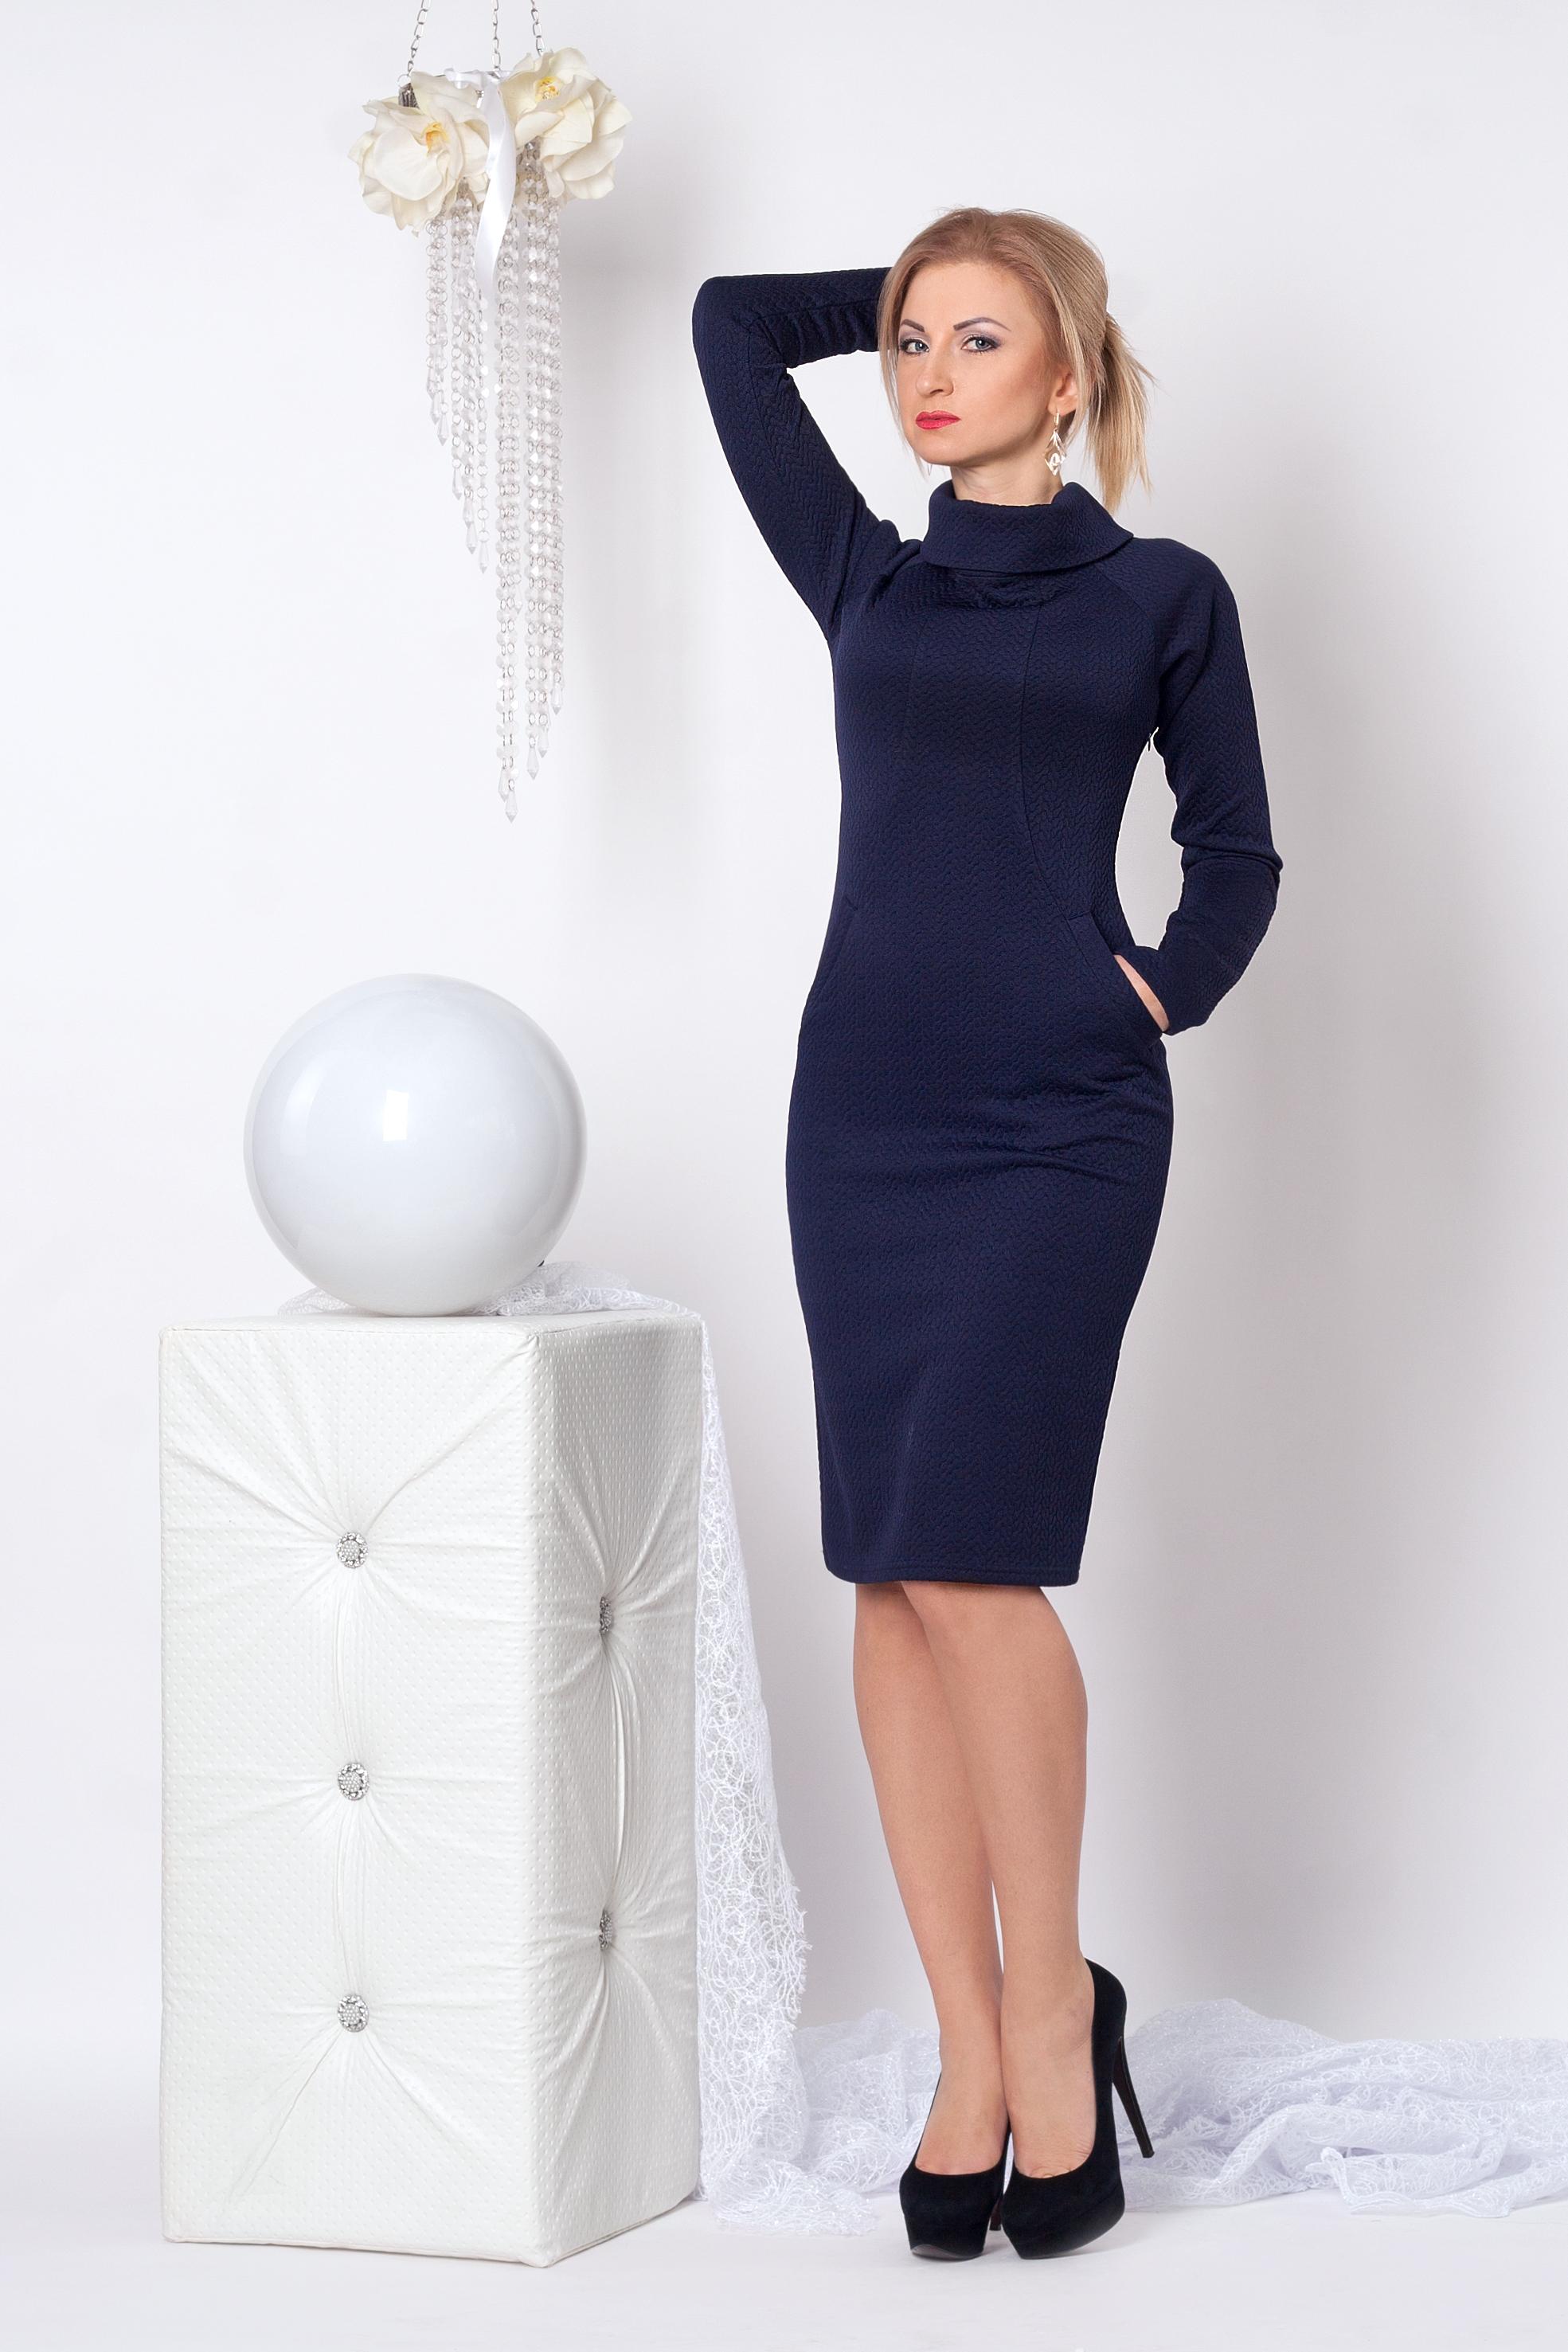 Повседневное женское платье 965 - Фотогалерея стильной одежды ... ff7b1cd3e57e7